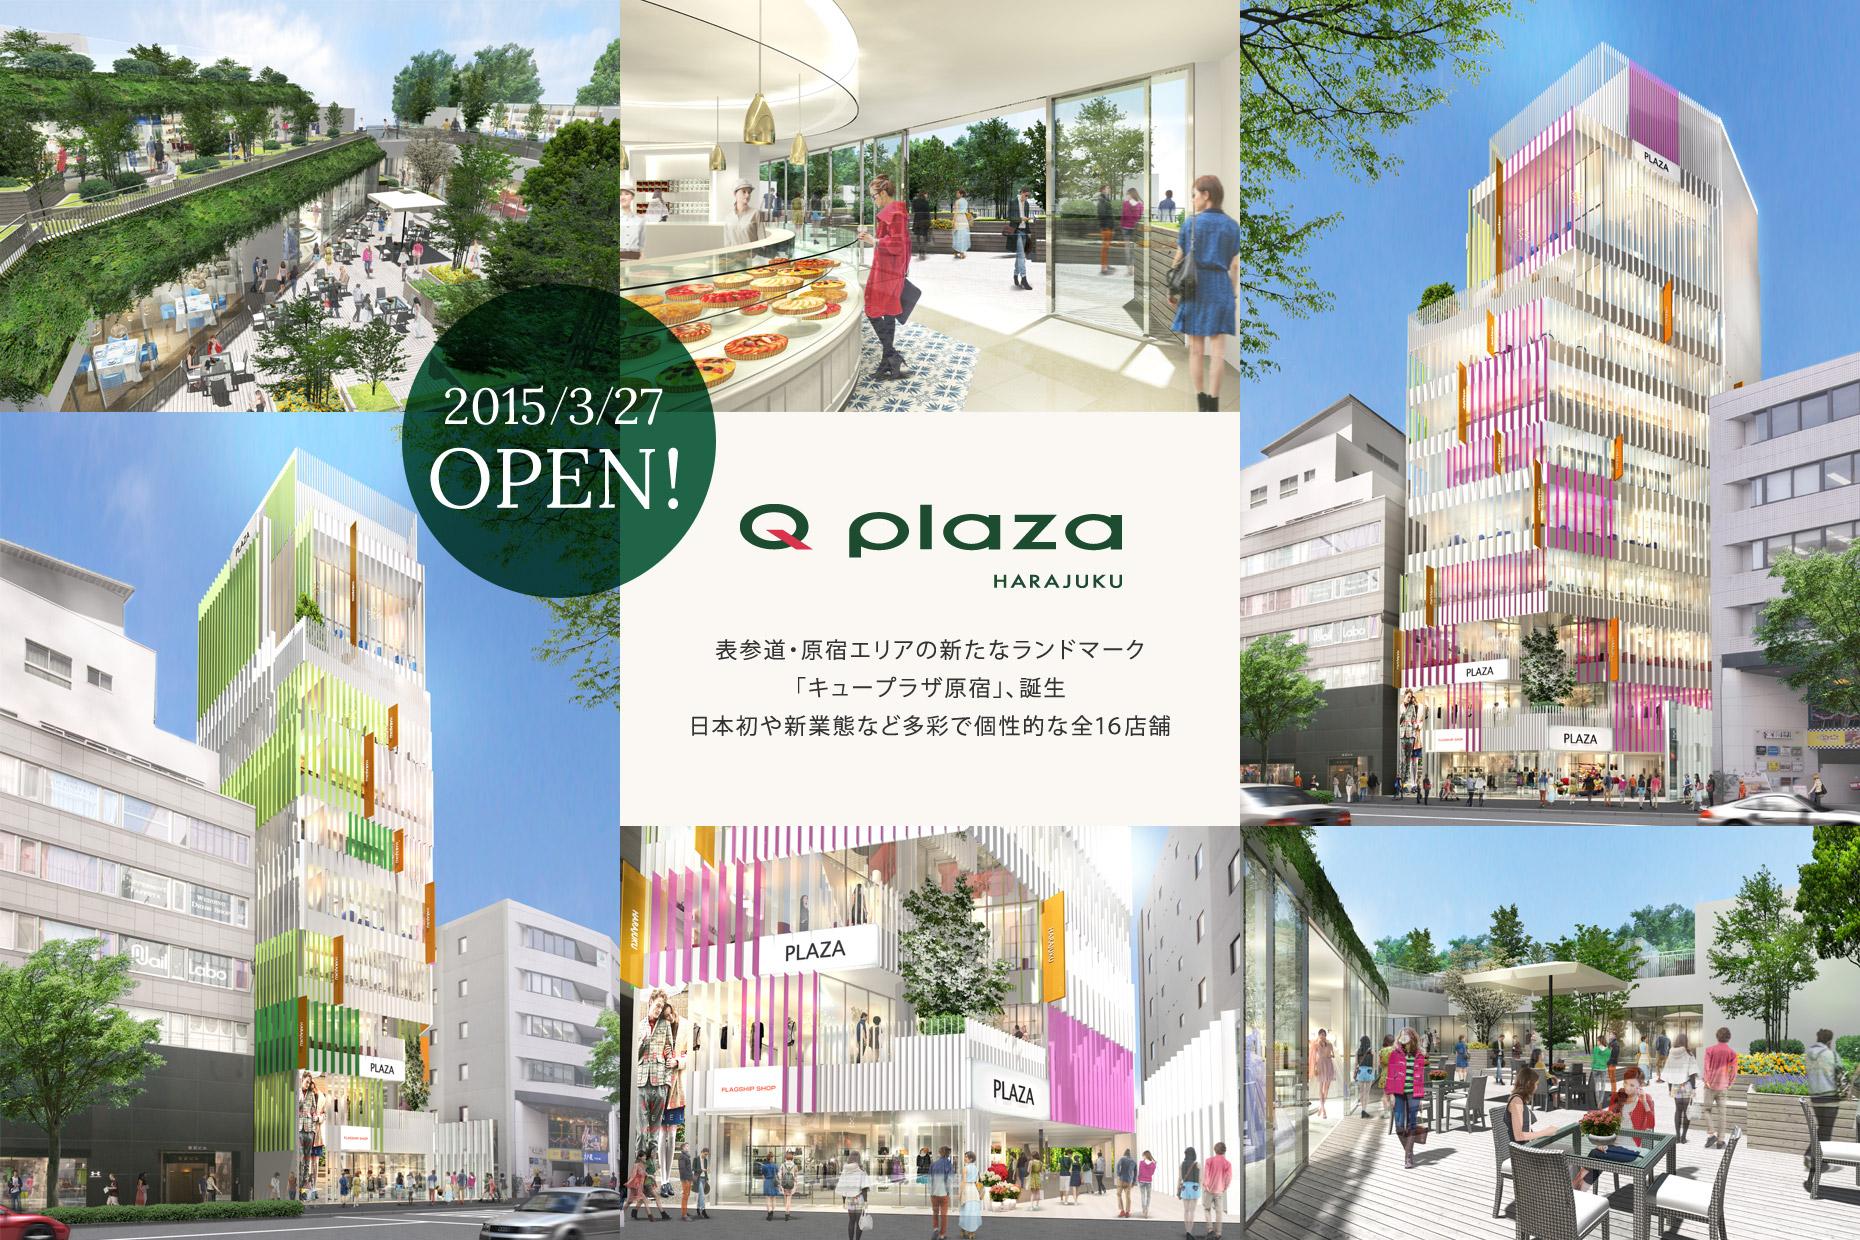 キュープラザ原宿 Q Plaza HARAJUKU